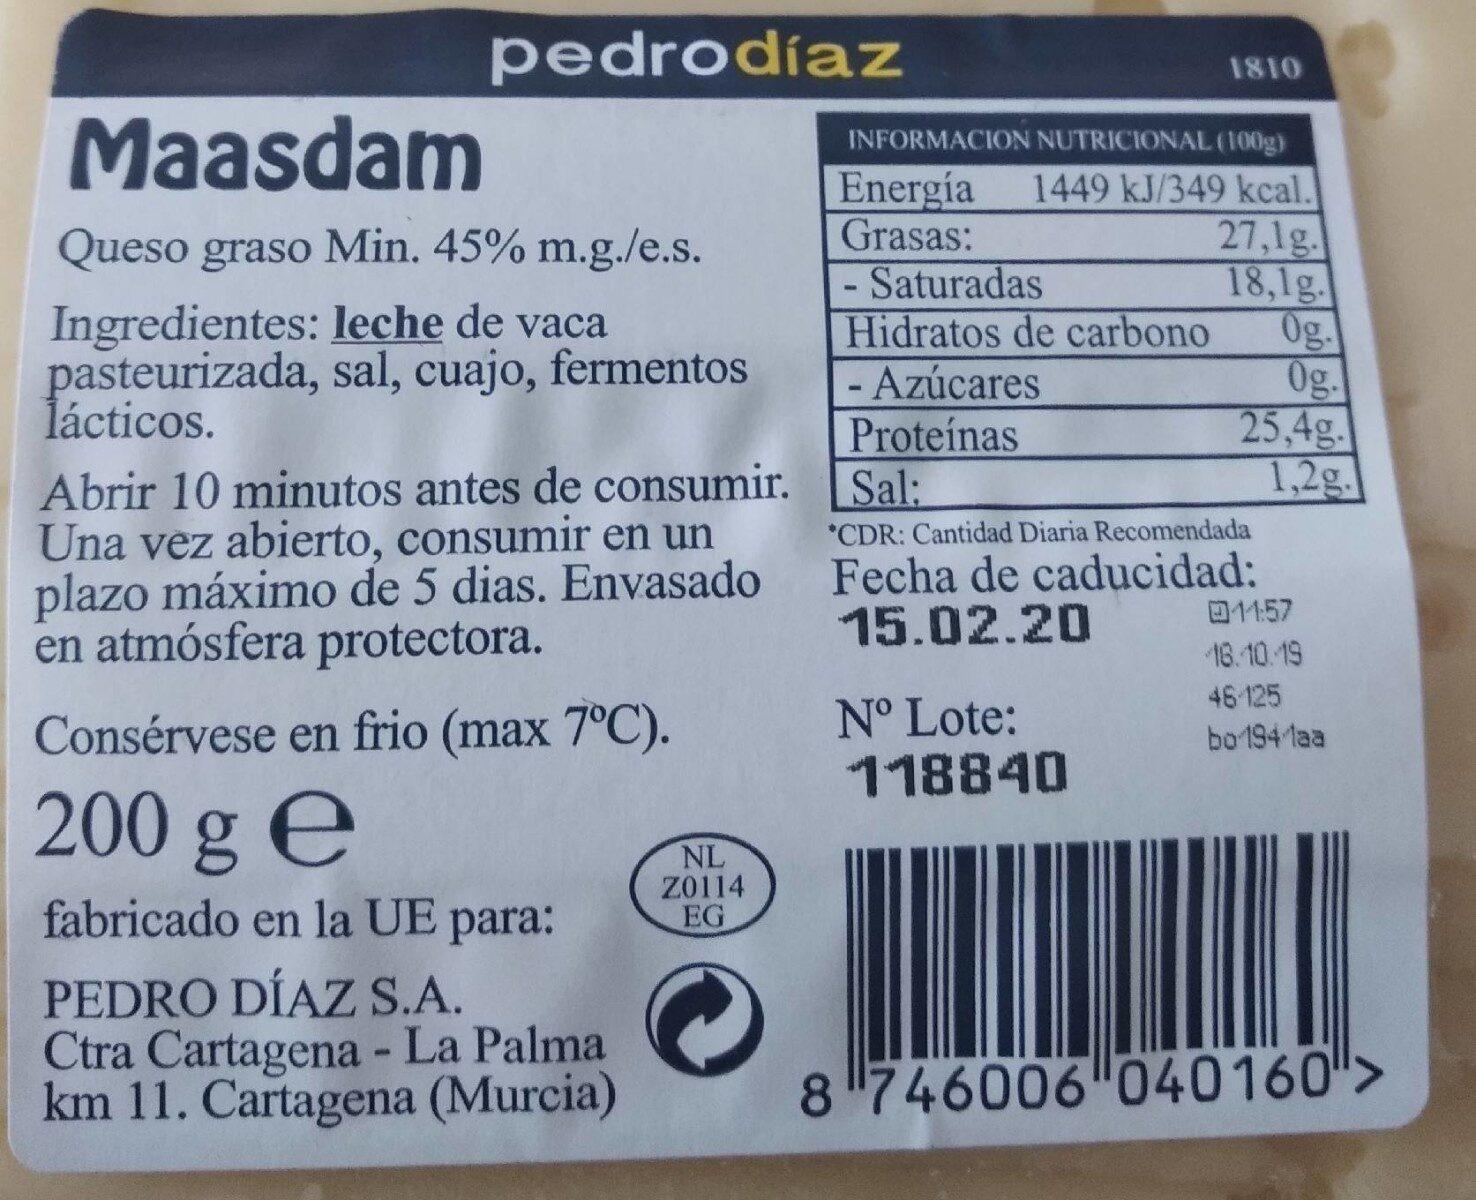 Queso natural Maasdam - Información nutricional